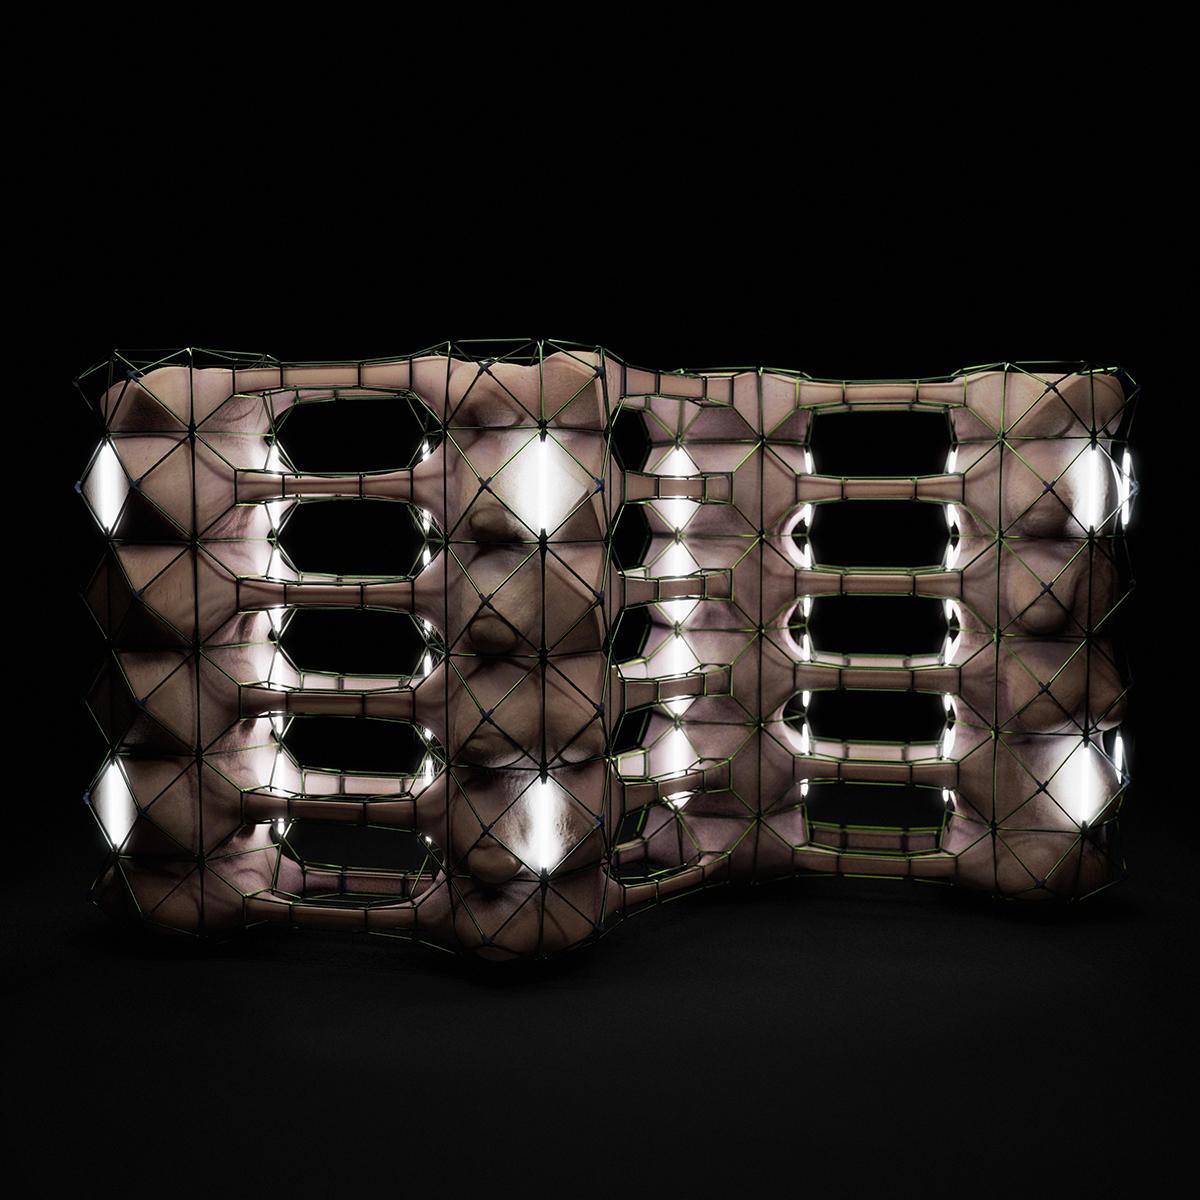 Biostructure VII by theGutlessWonder